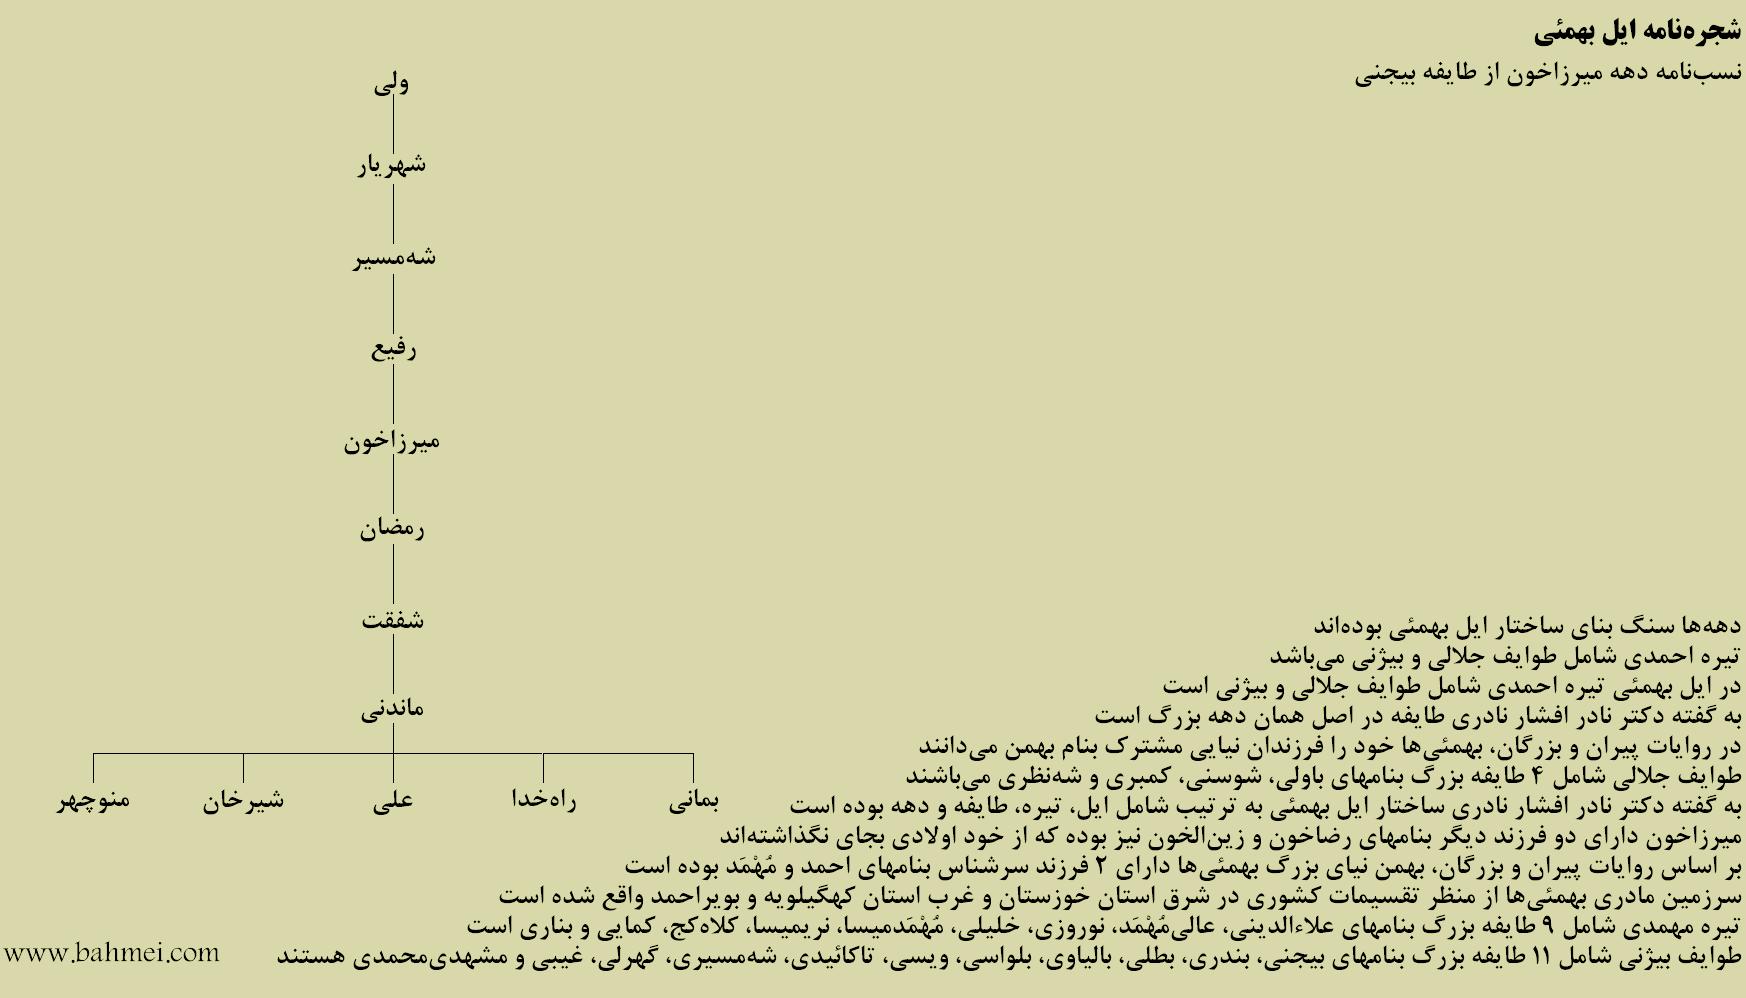 نمودار نسبنامه دهه میرزاخون از طایفه بیجنی